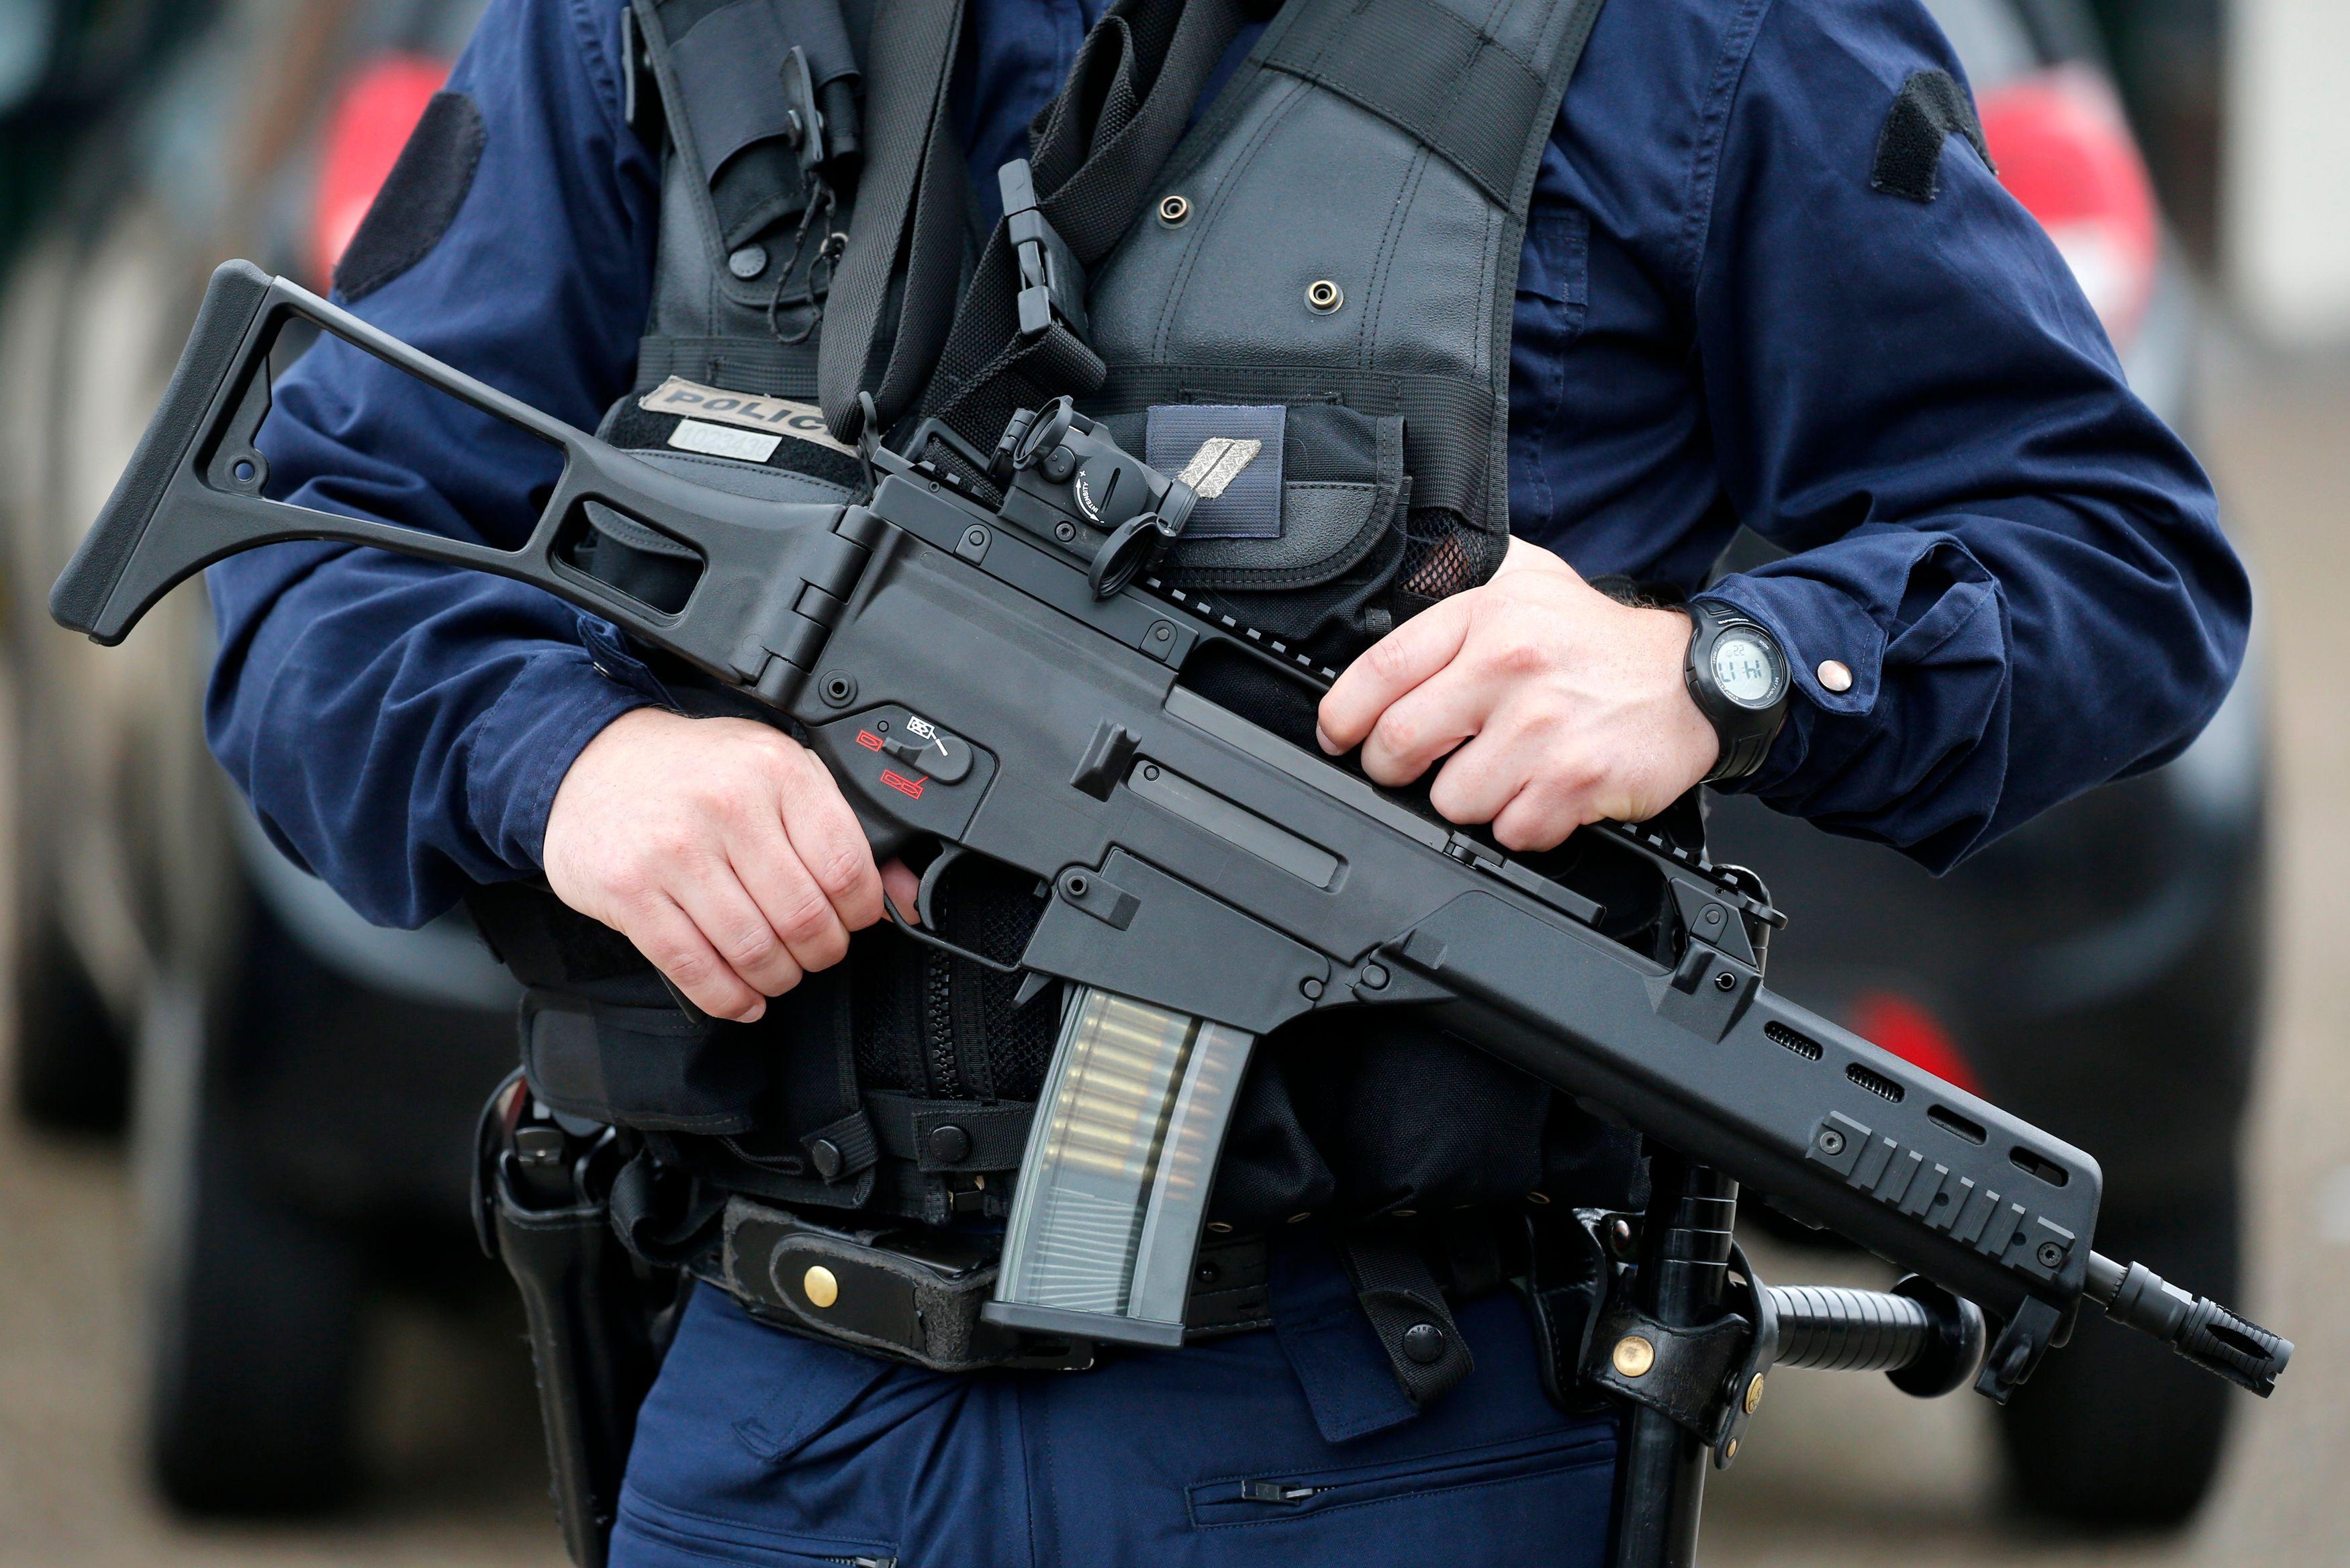 Une opération anti-ETA vire à l'imbroglio après l'arrestation de membres de la société civile